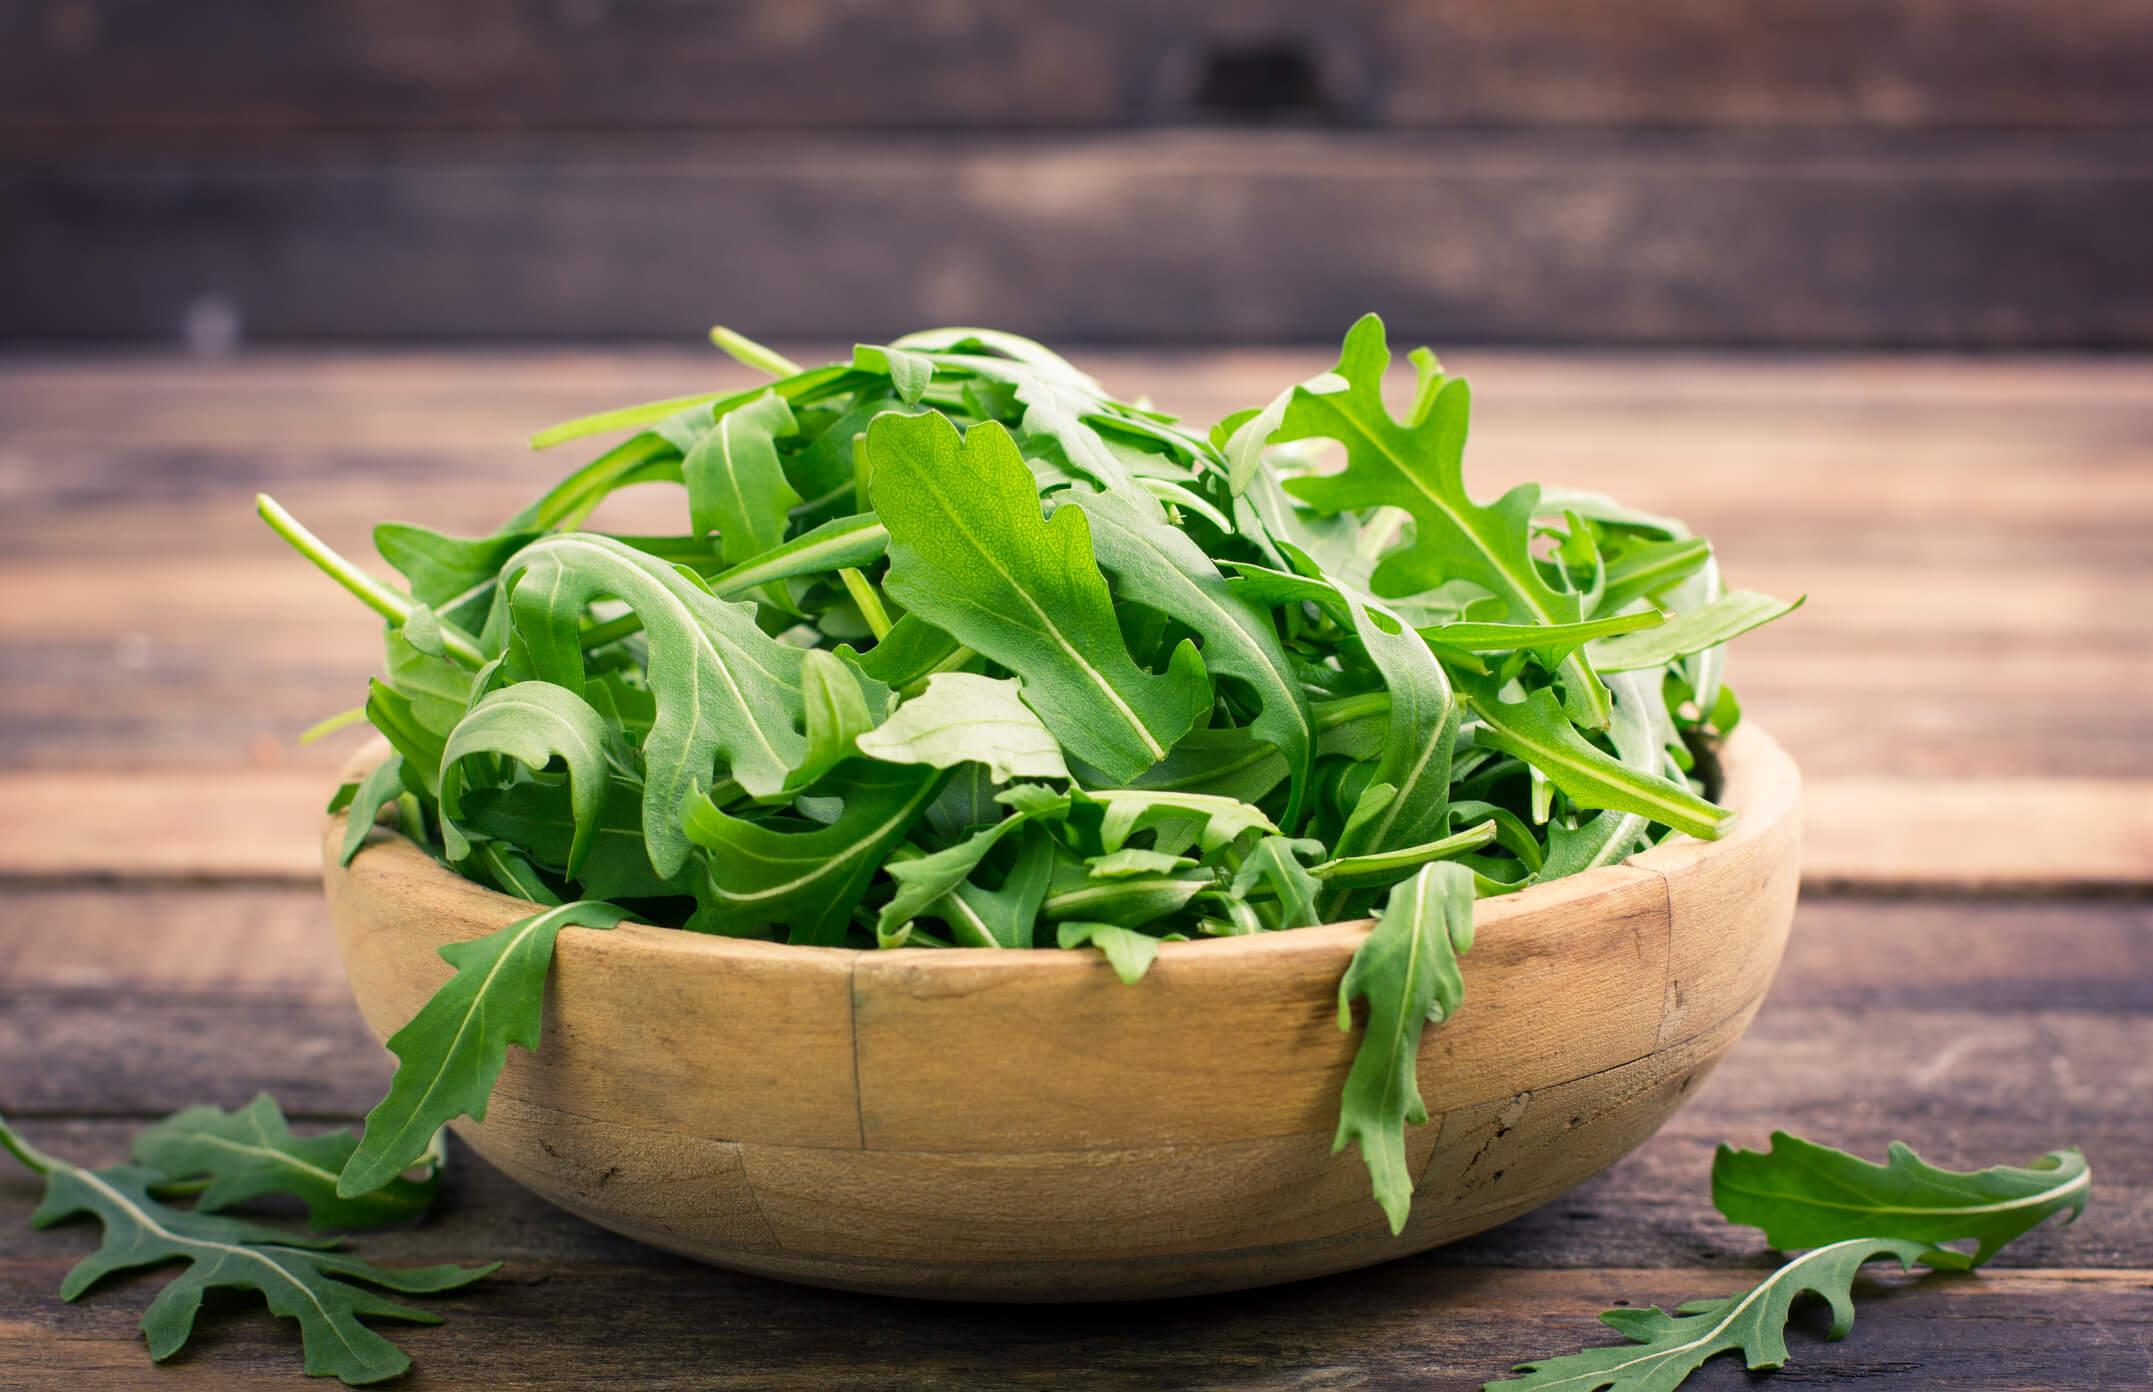 Spring vegetables and fruits: arugula